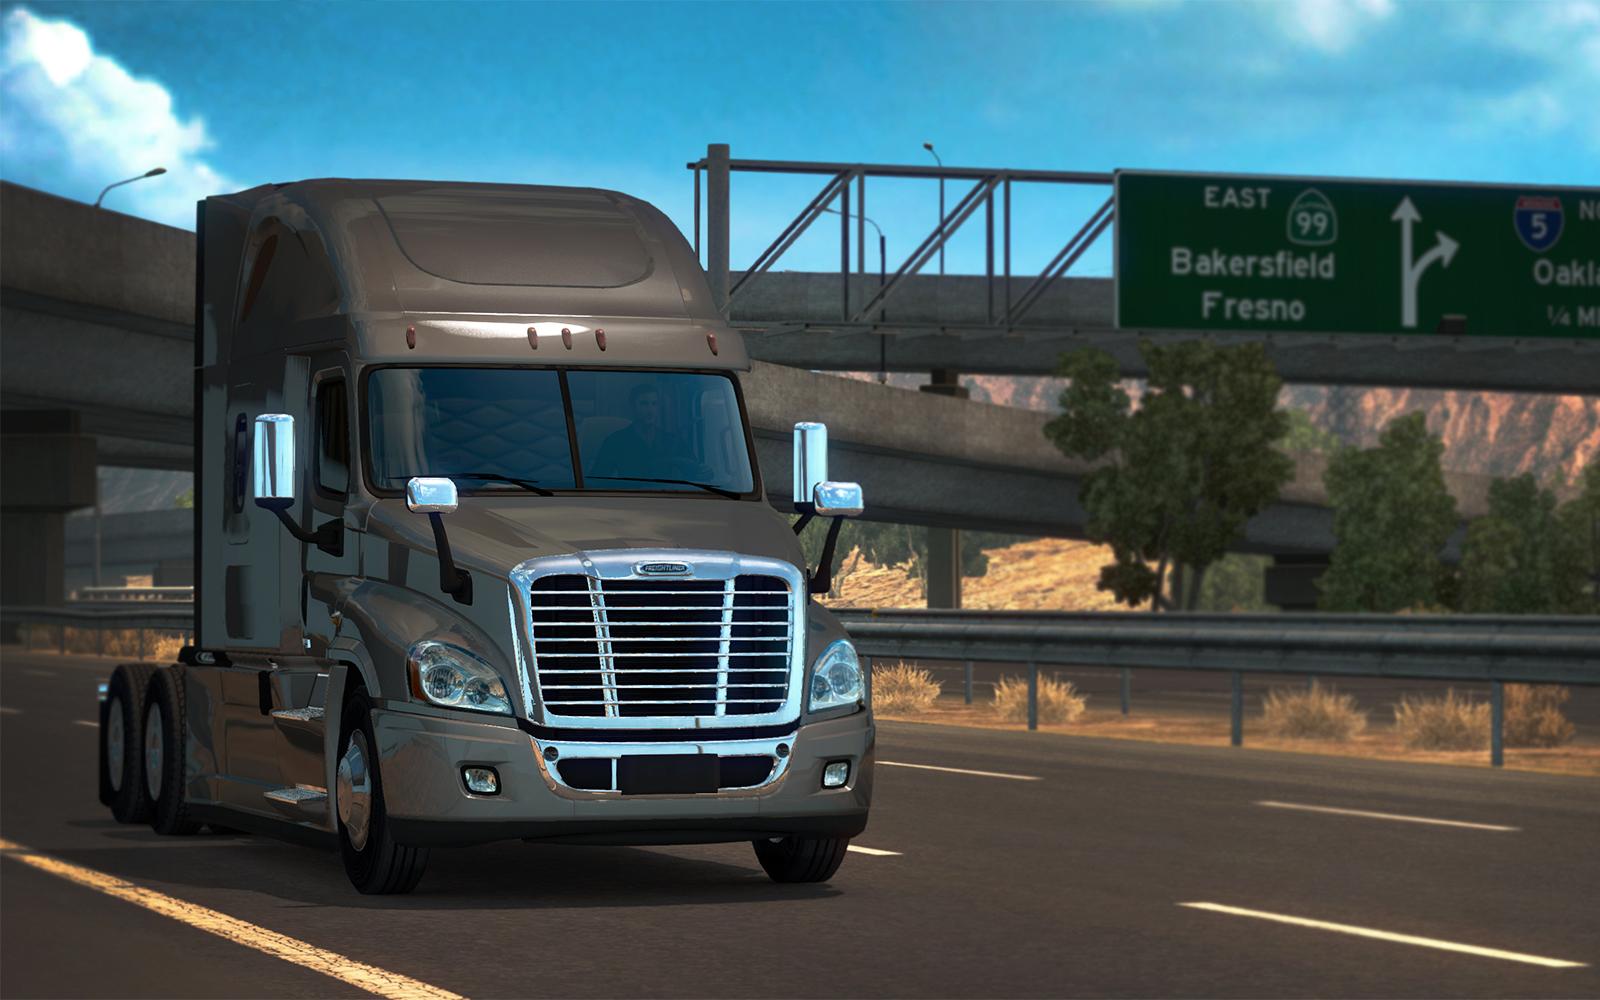 Красивый грузовик, замеченный где-то к северу от Лос-Анджелеса